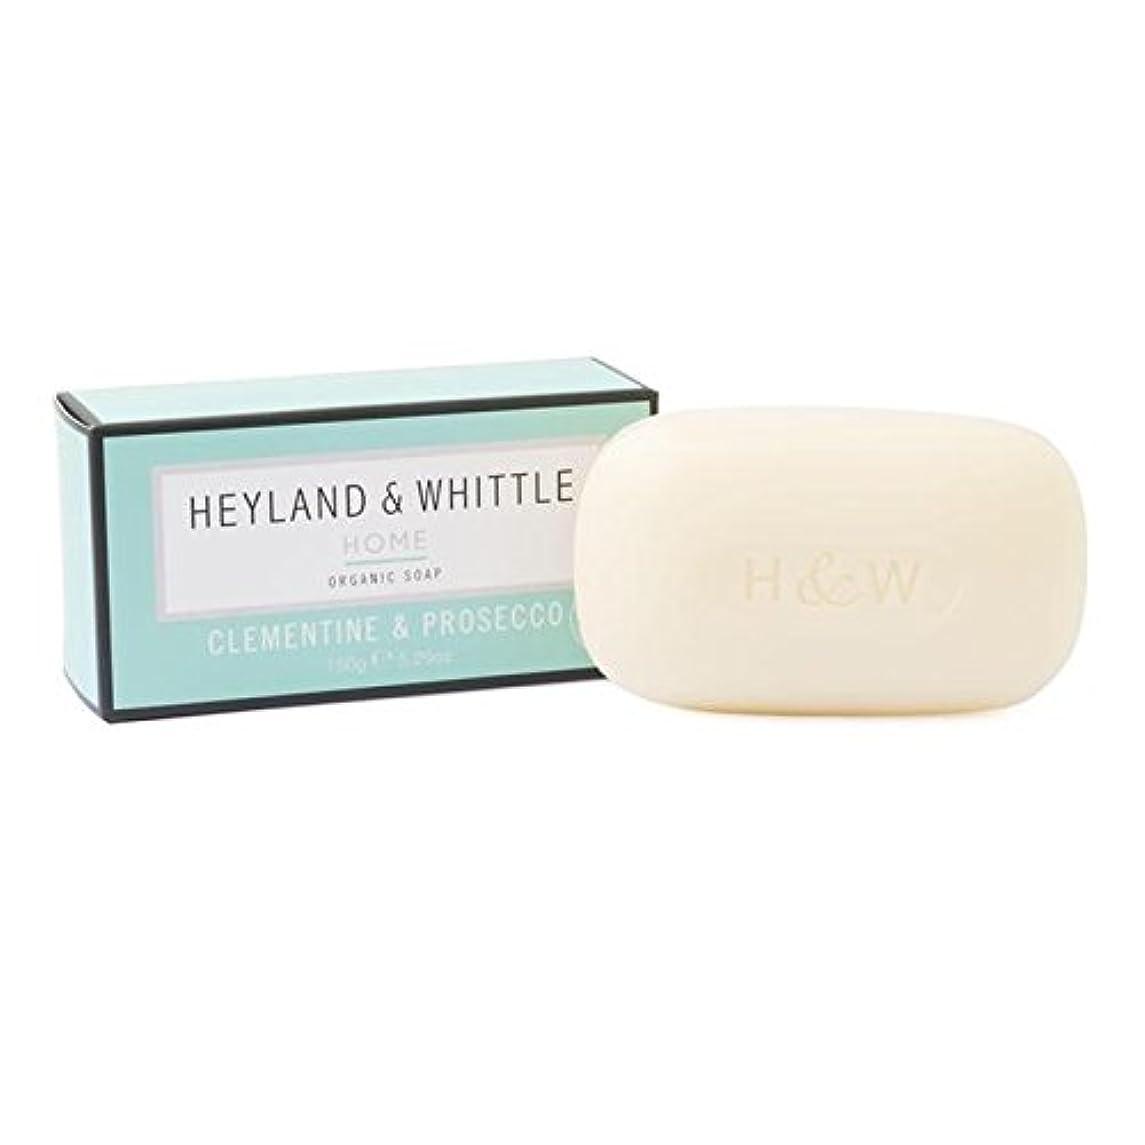 ペイント絡み合い失敗Heyland & Whittle Home Clementine & Prosecco Organic Soap 150g (Pack of 6) - &削るホームクレメンタイン&プロセッコ有機石鹸150グラム x6 [並行輸入品]